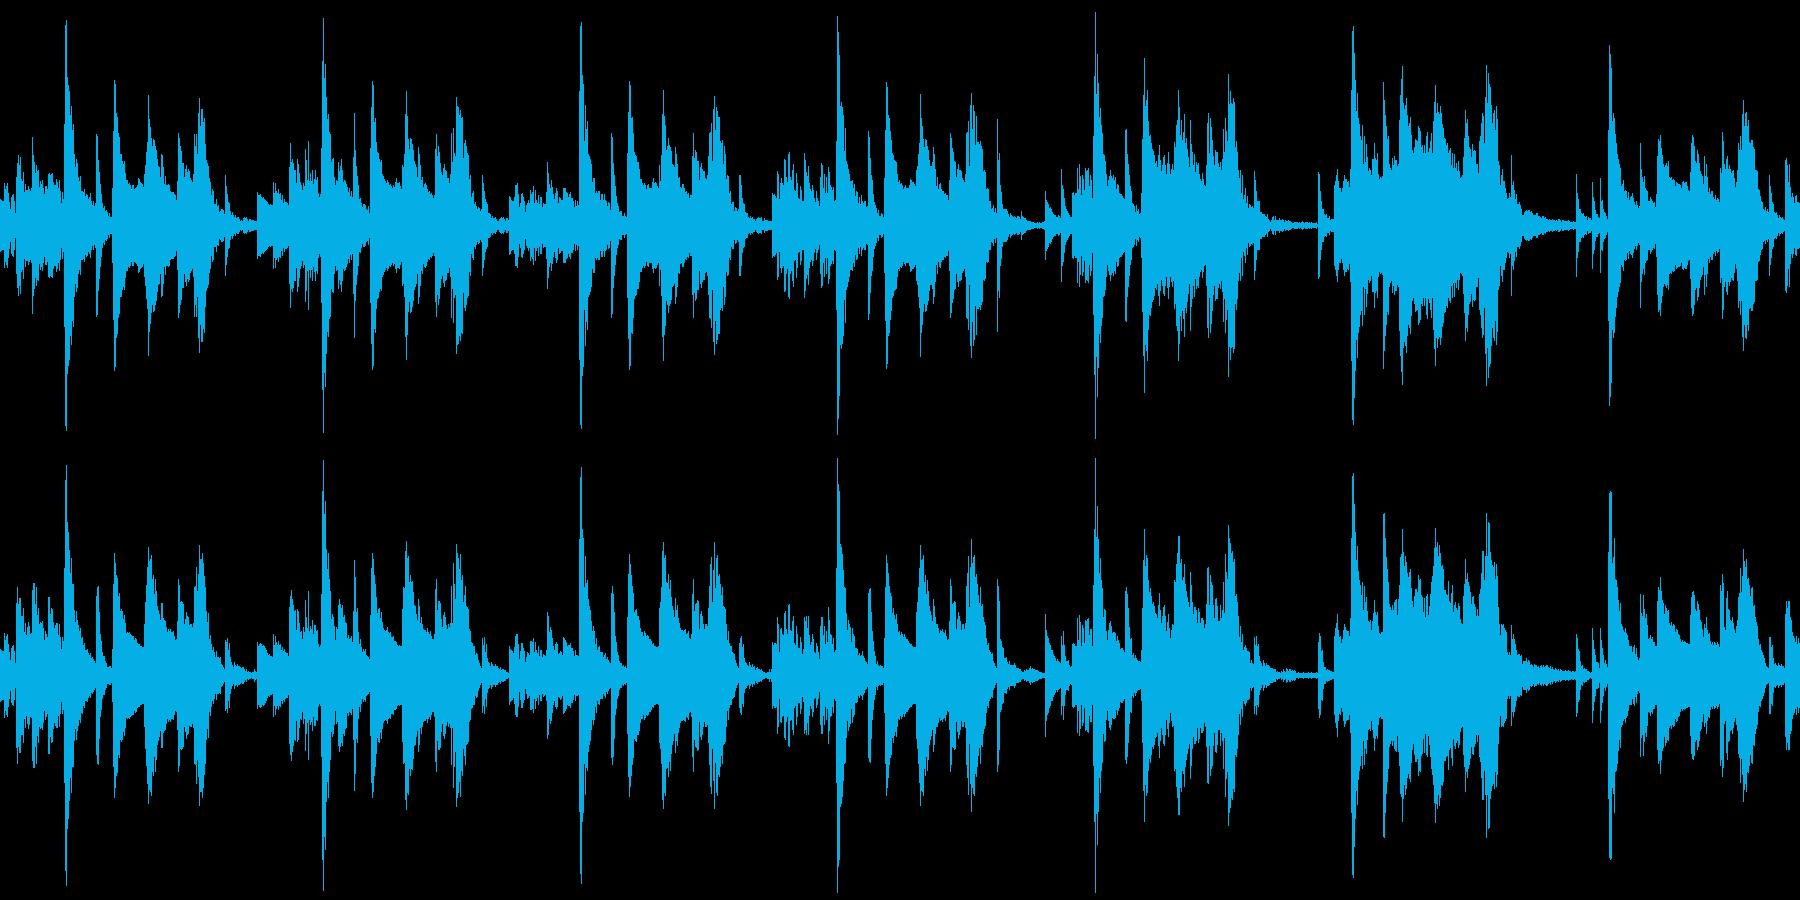 ループ仕様 ジャズなグルメ番組 急ぎ足の再生済みの波形